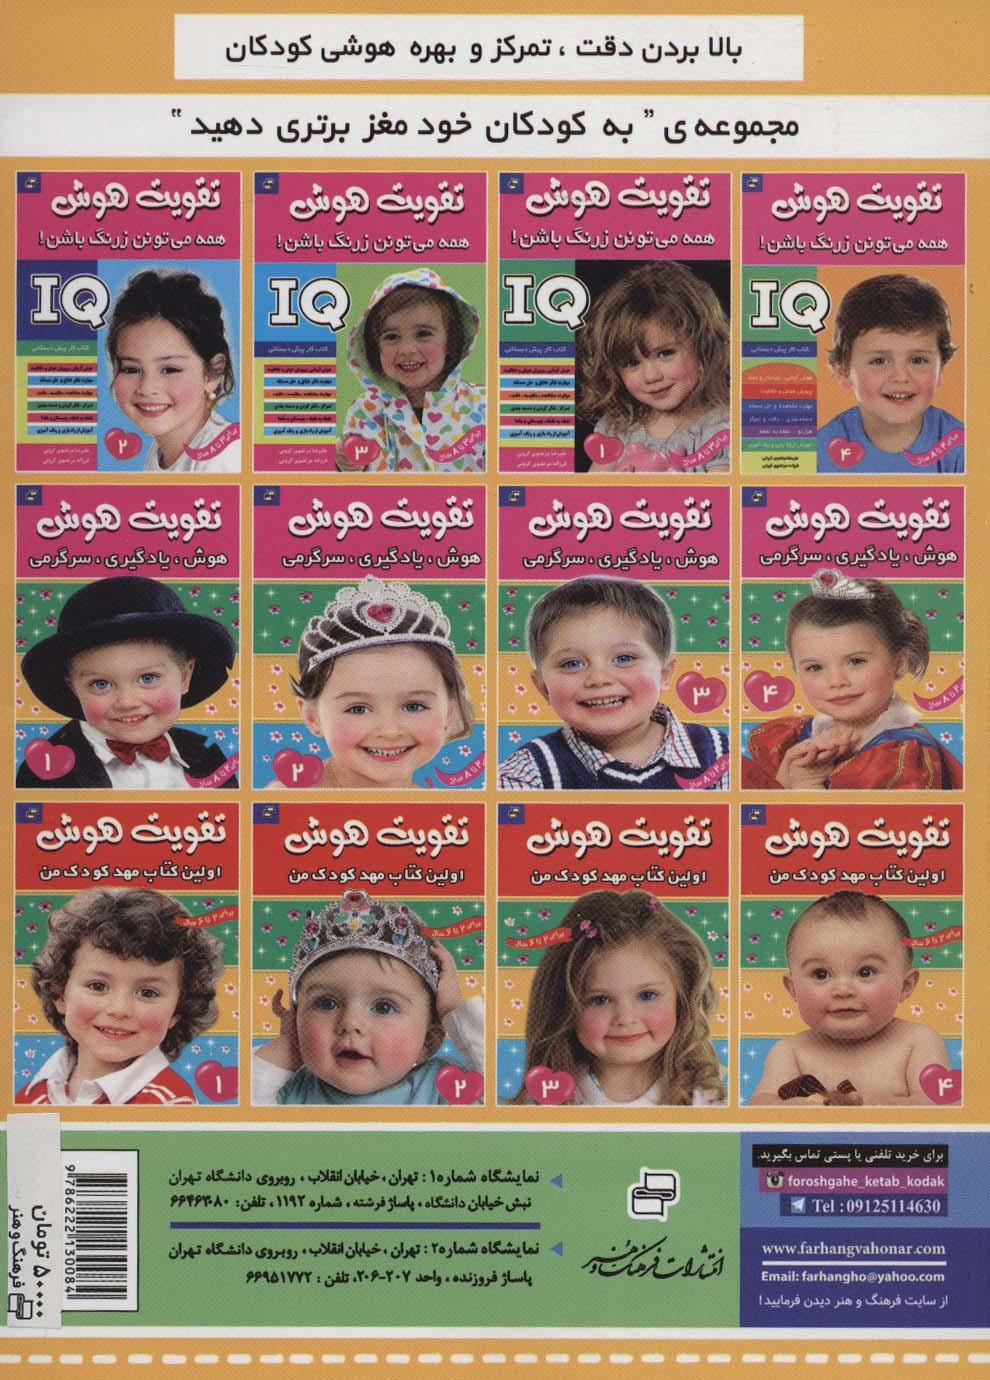 بچه های خوب،رفتار های خوب10 (نمی خوام منصفانه بازی کنم!)،(گلاسه)